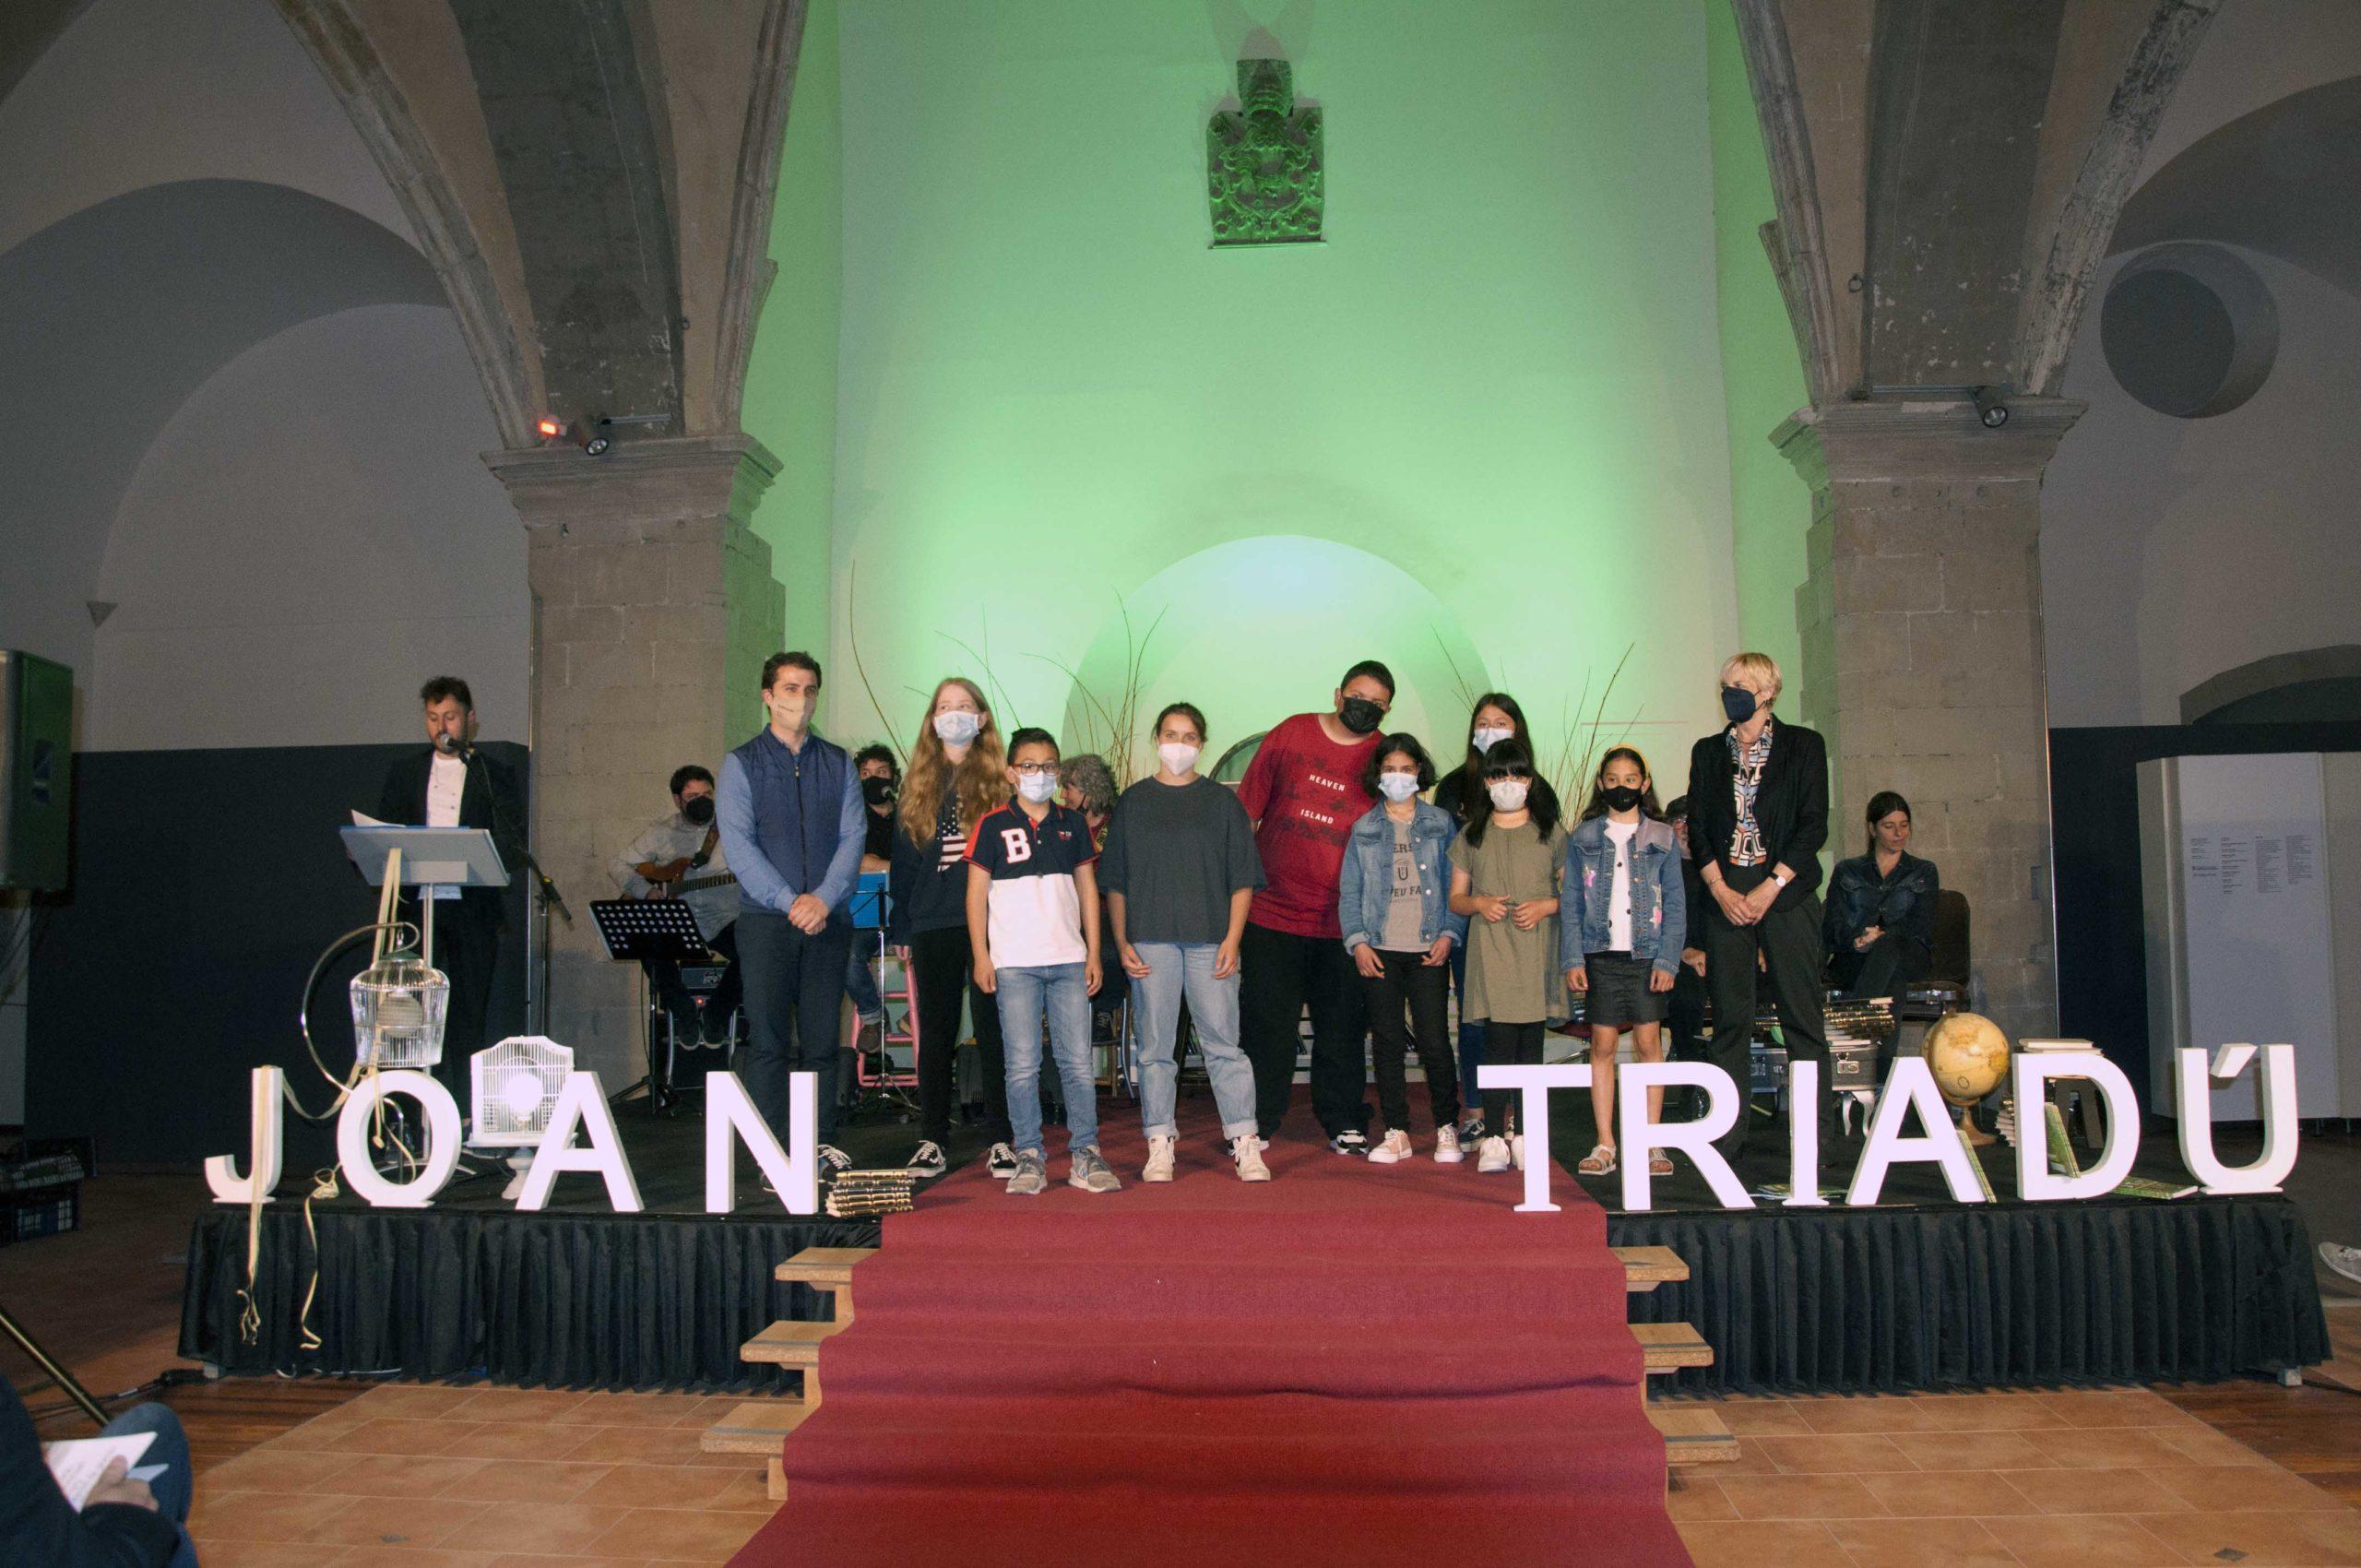 Imatge dels guanyadors dels primers premis de cada modalitat i categoria dels Joan Triadú 2021